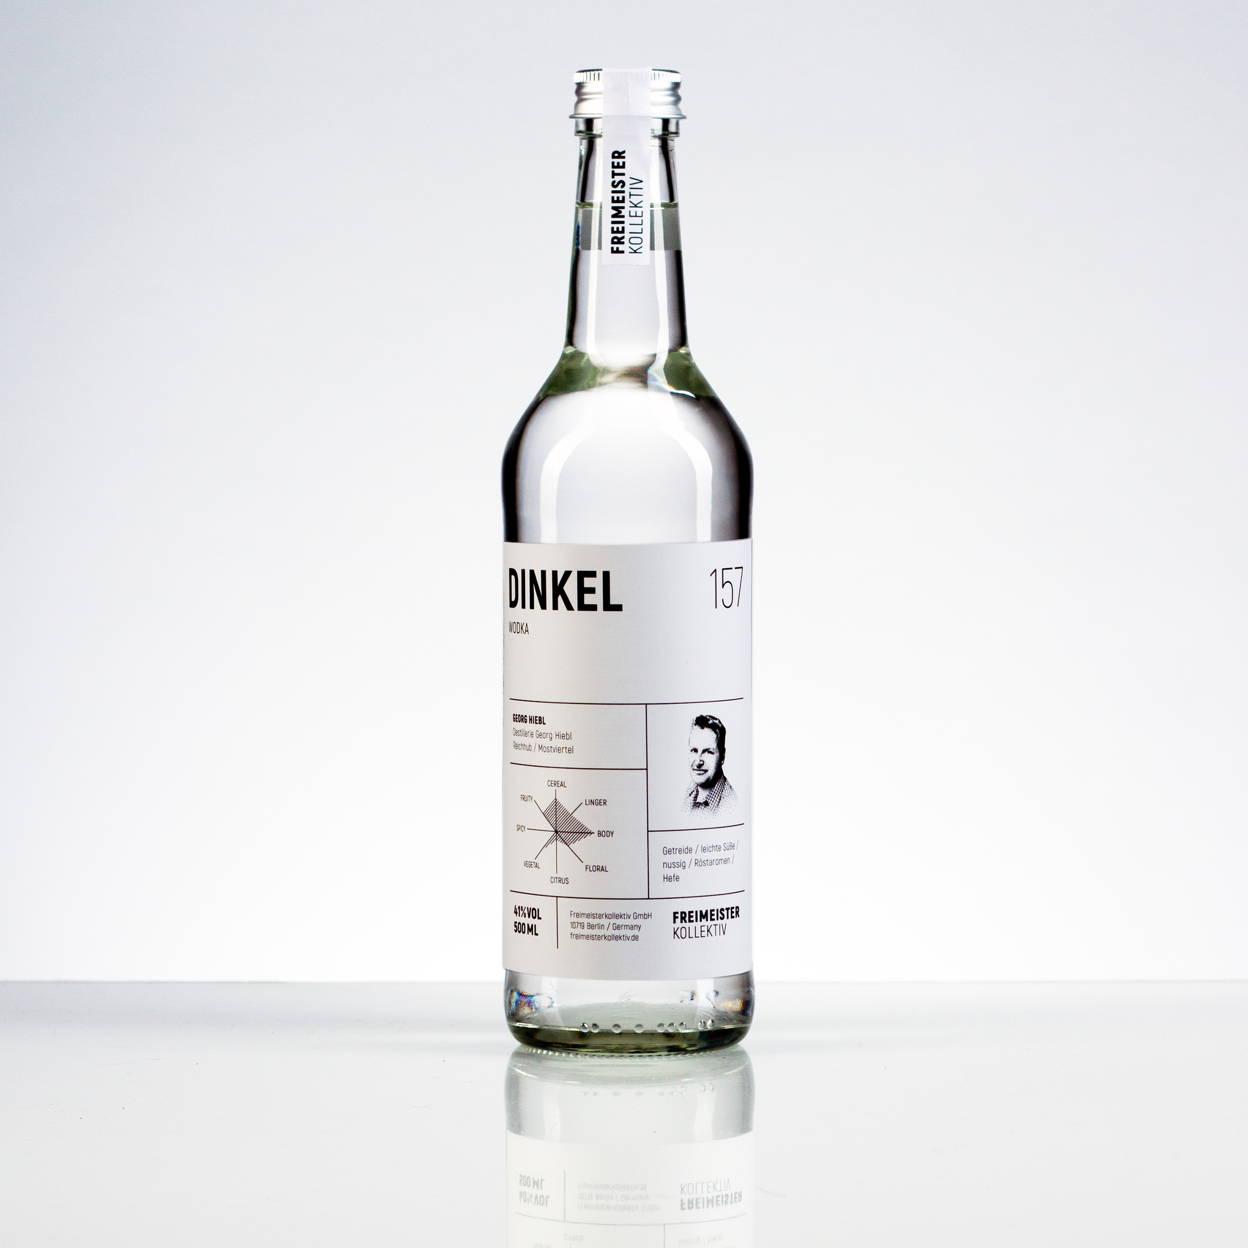 Dinkel-157